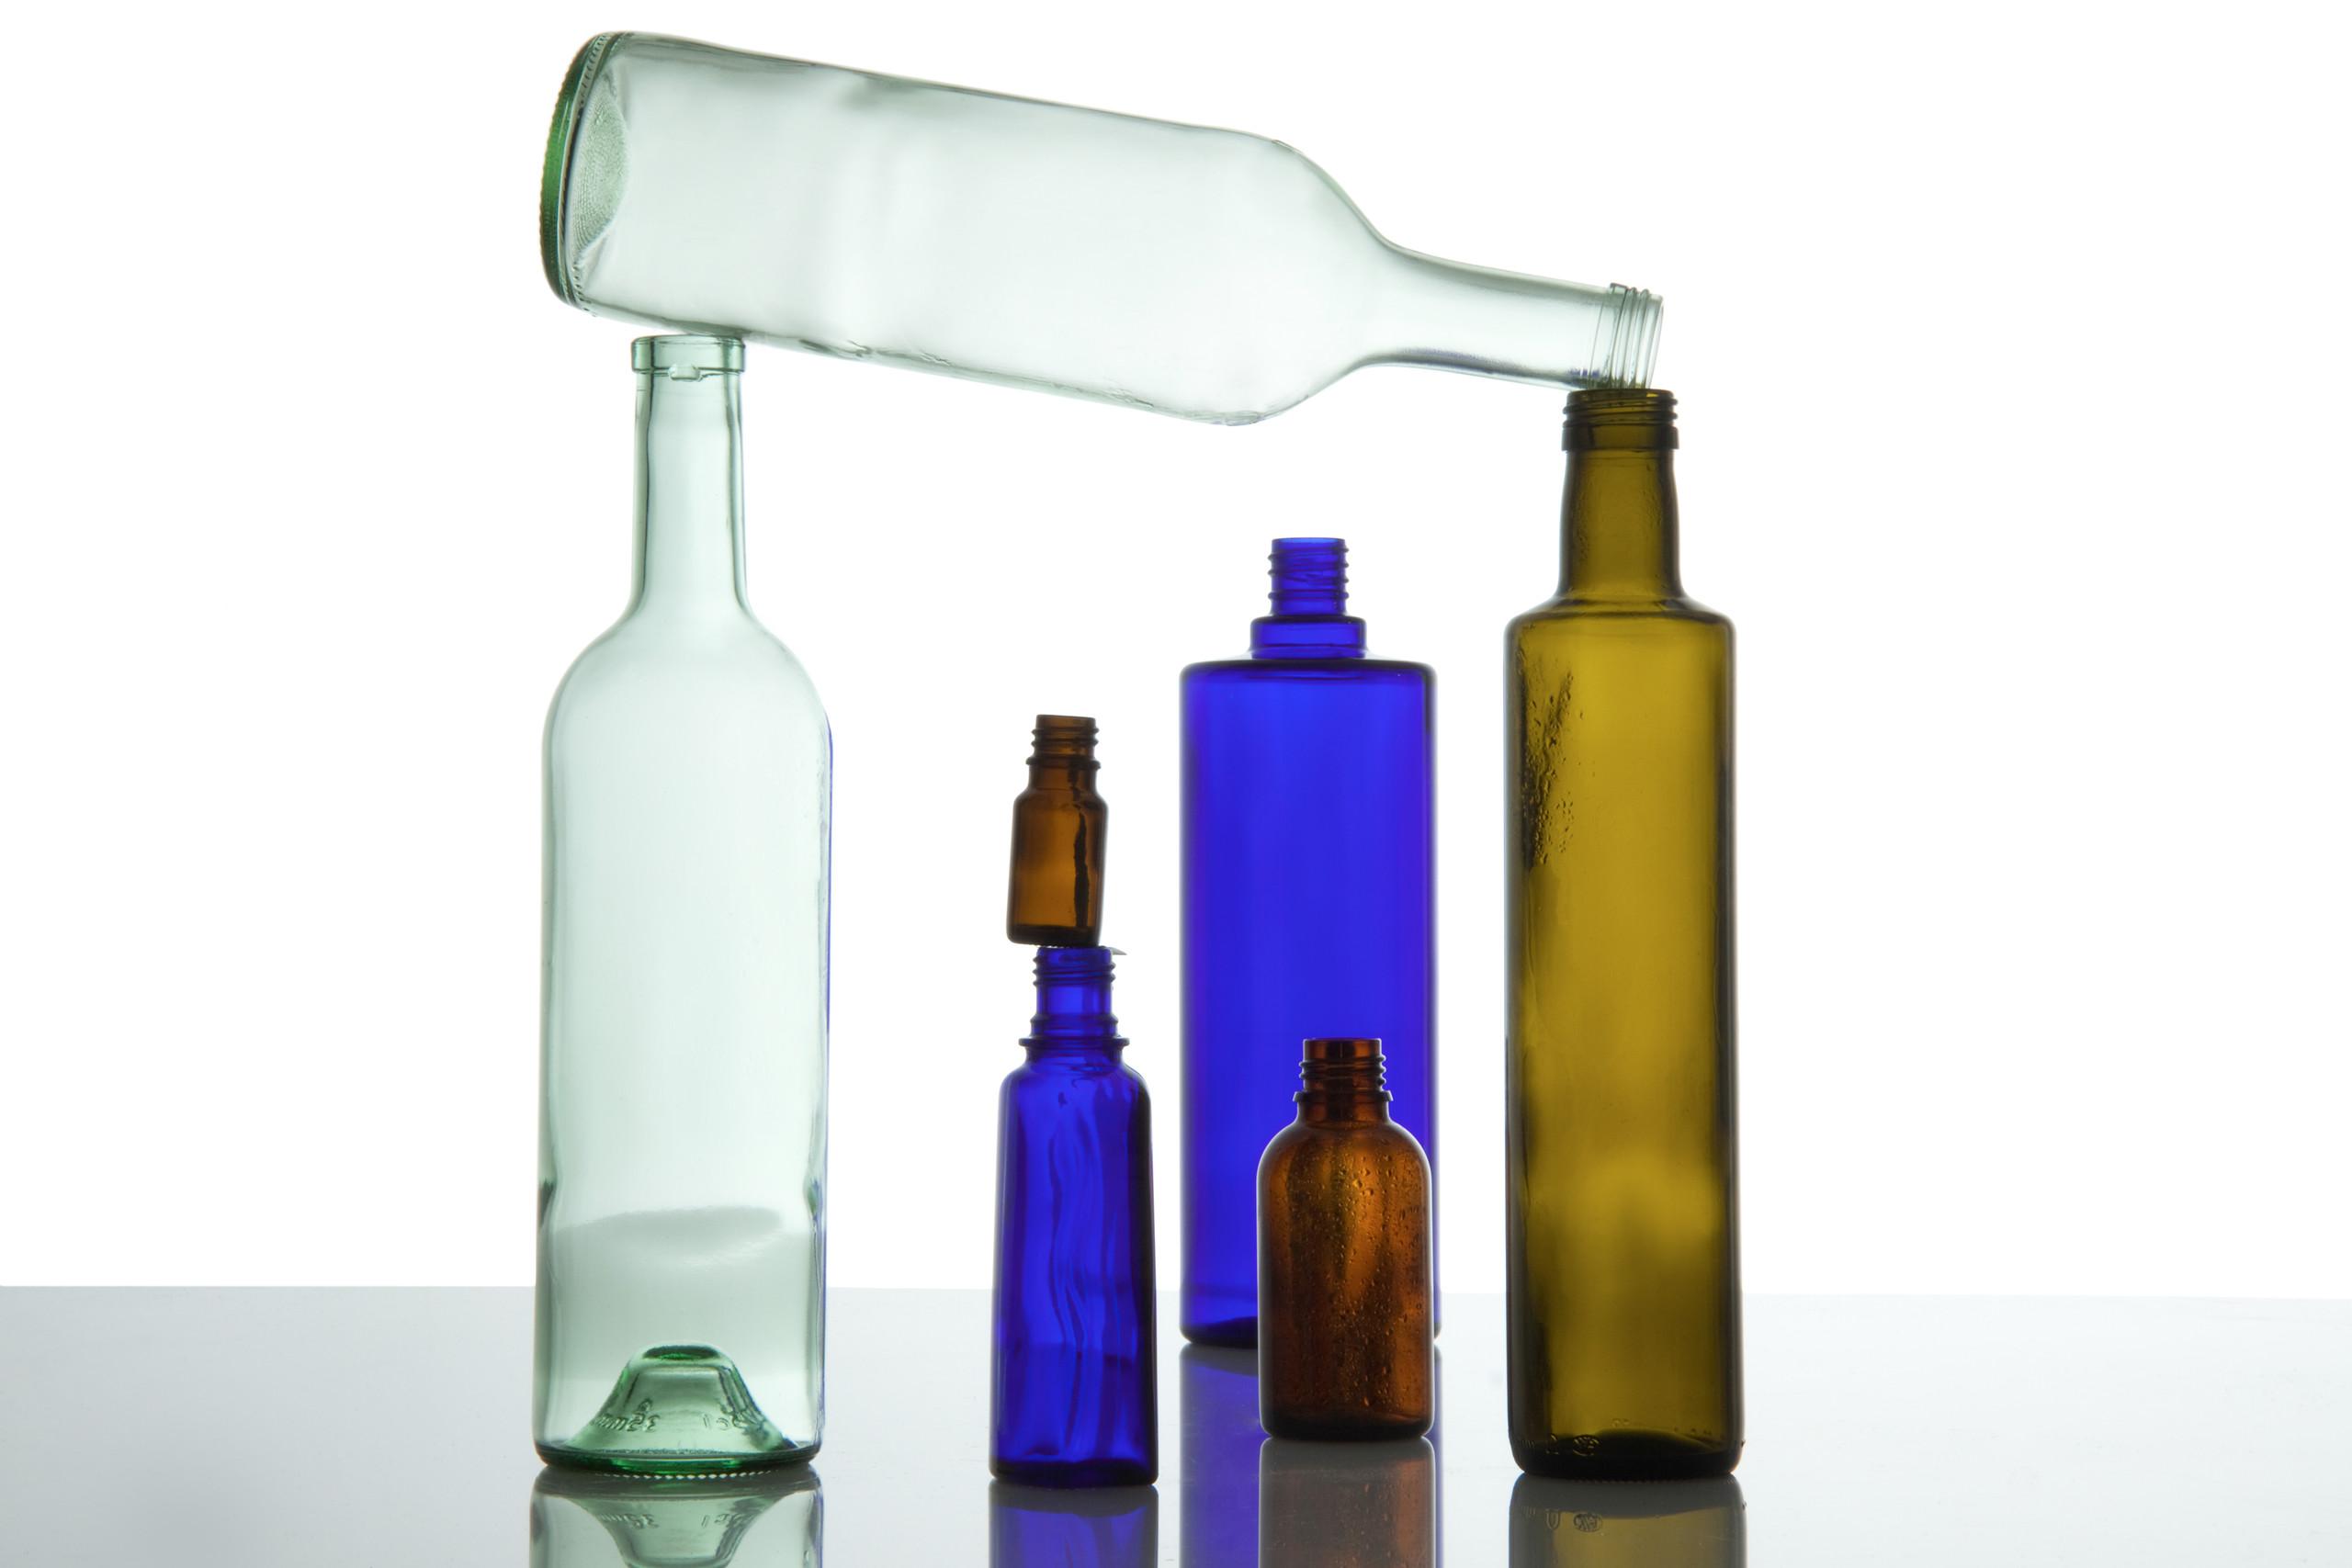 Mehrere farbige Glasverpackungen tragen eine hellgrüne leere Glasflasche, die quer über den anderen liegt.